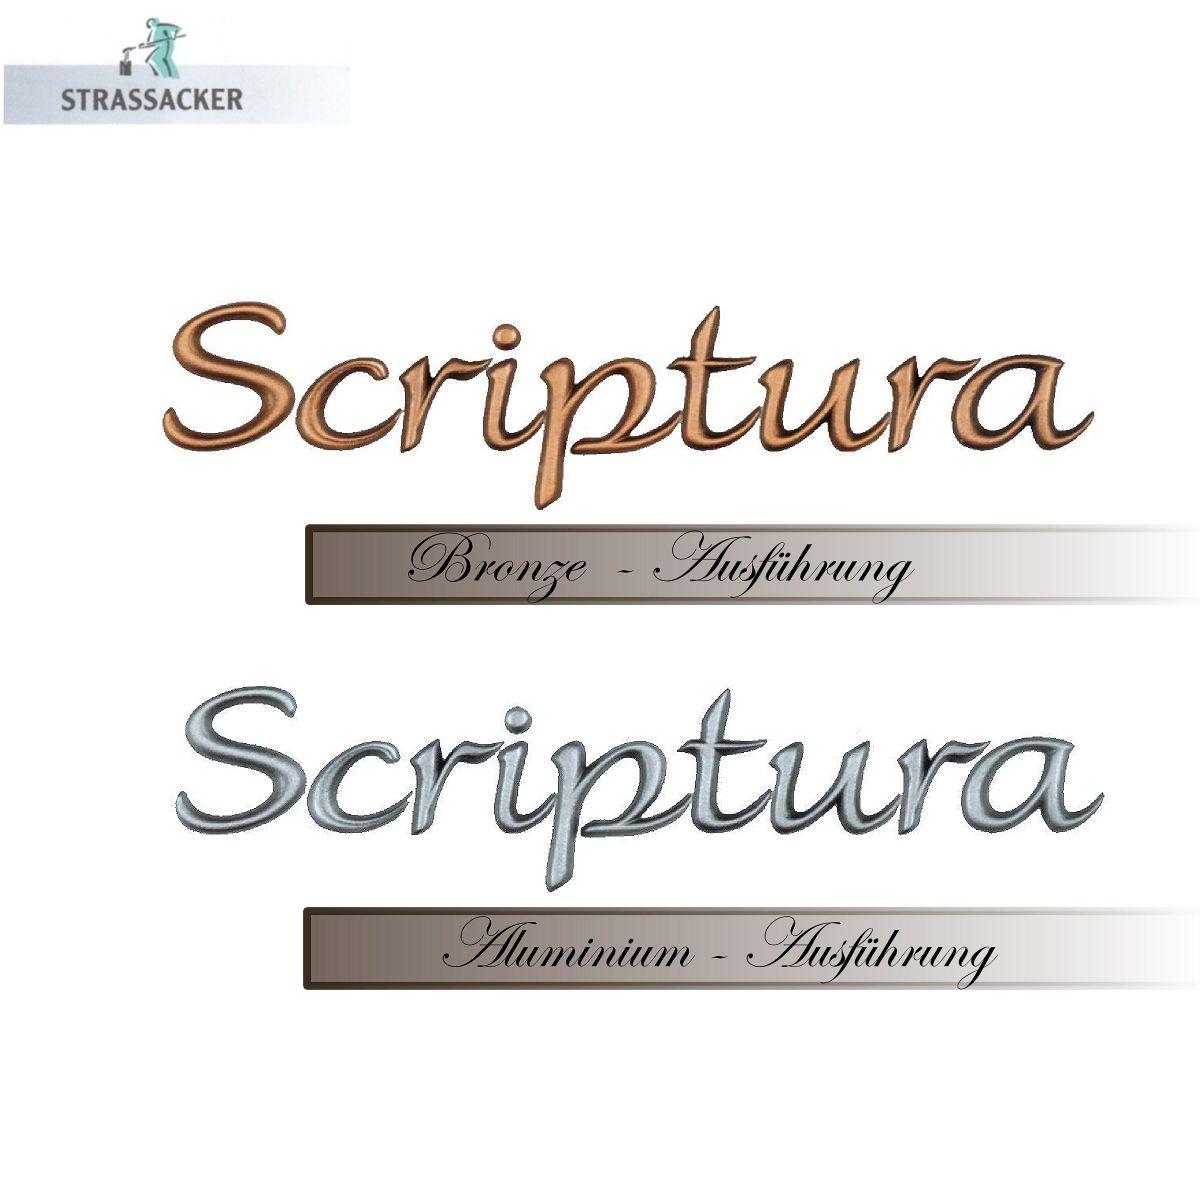 Buchstaben Für Grabsteine Typ Scriptura, Bronzebuchstaben Und